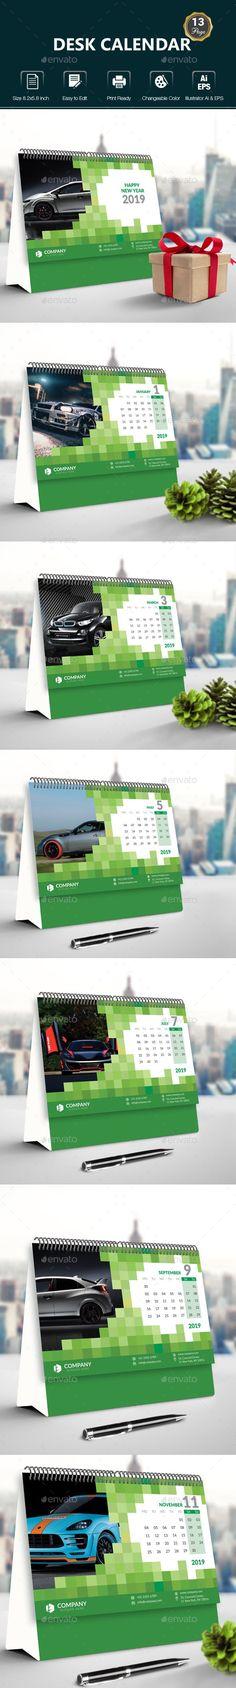 #Desk #Calendar - #Calendars Stationery Calendar Templates, Calendar Design, Print Templates, Stationery Shop, Stationery Templates, Stationery Design, Office Calendar, Desk Calendars, Certificate Design